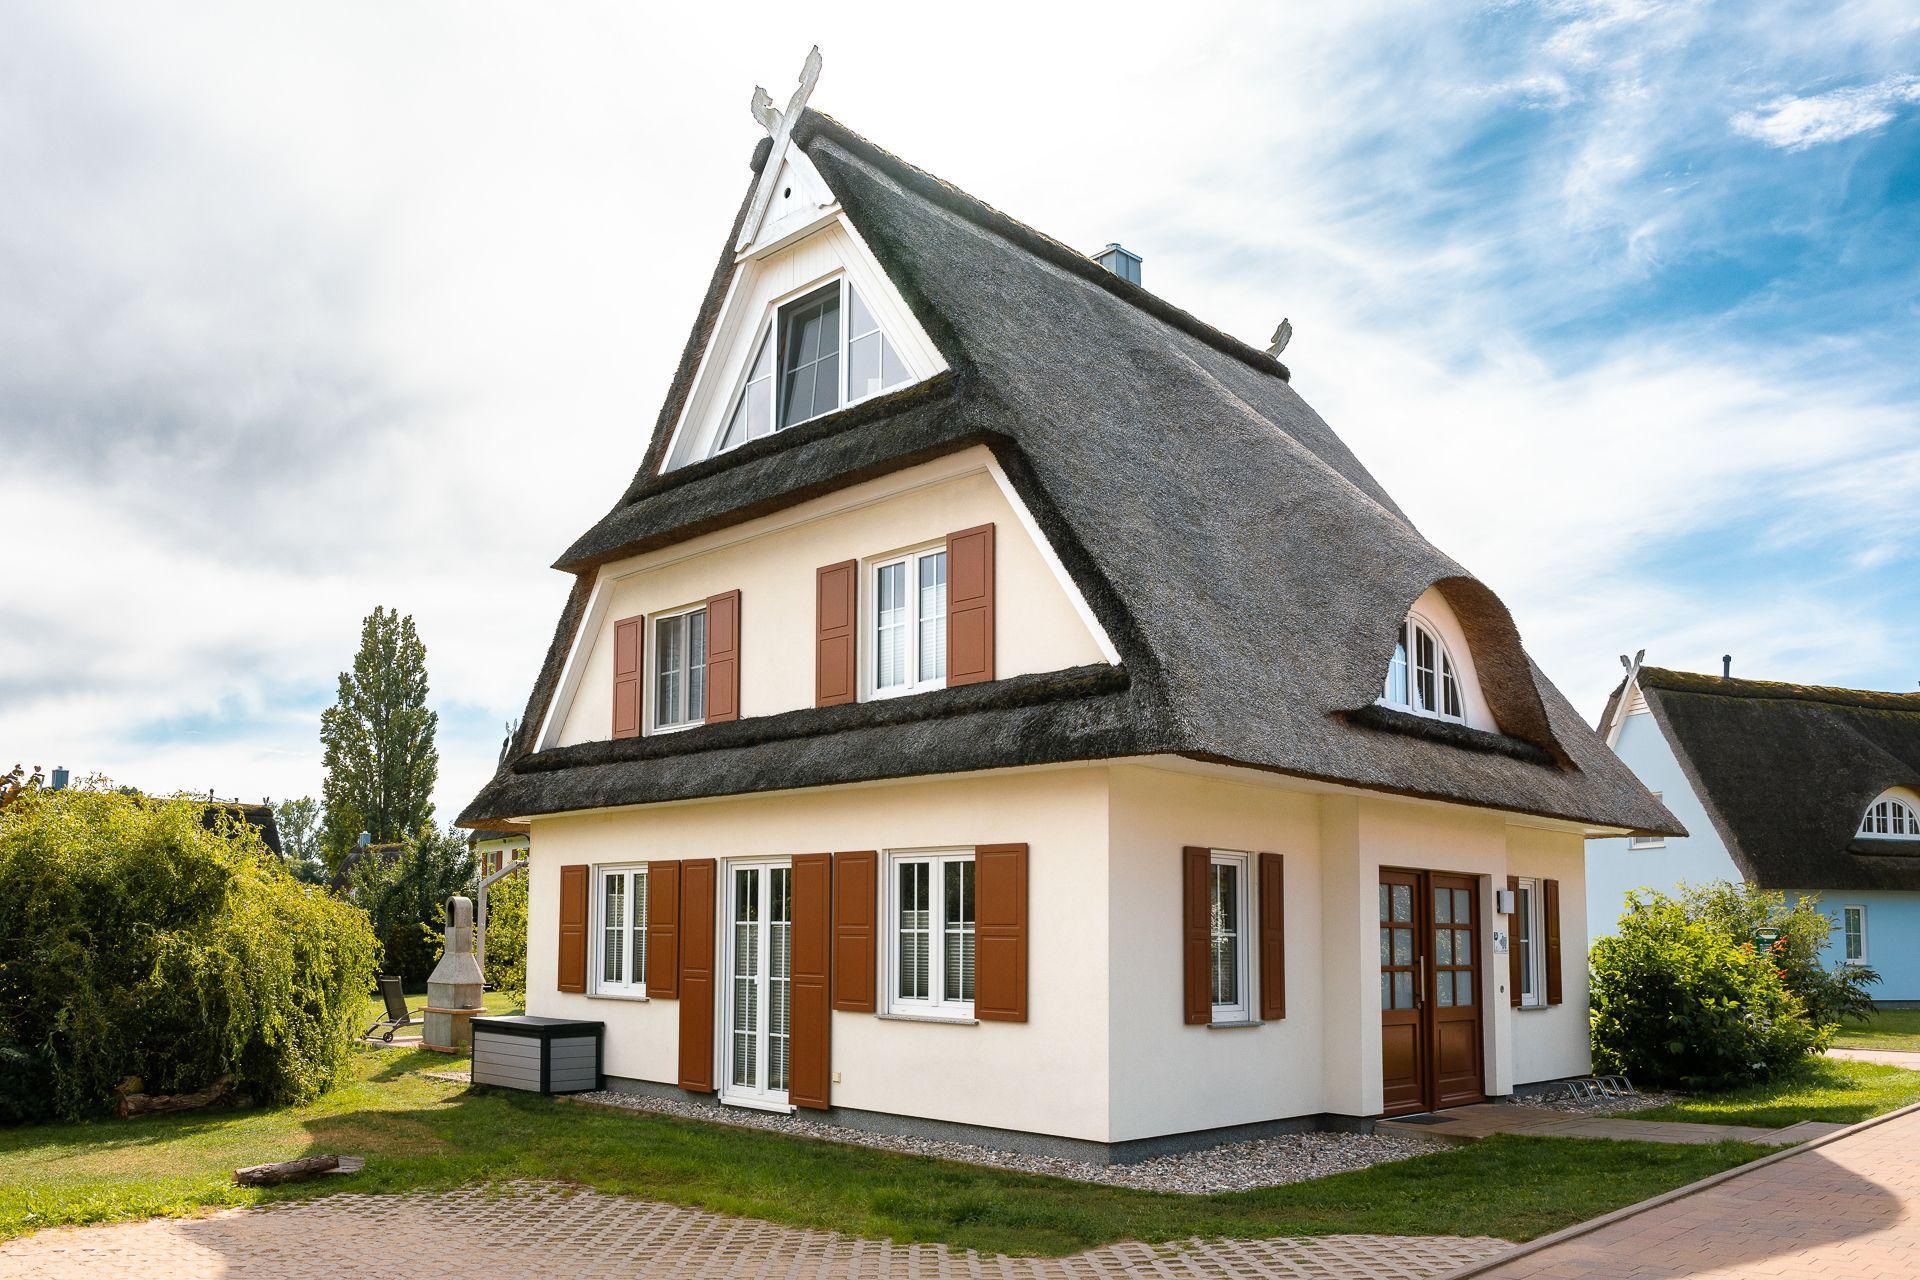 Ferienhaus für 8 Personen  + 2 Kinder ca. 125  in Deutschland